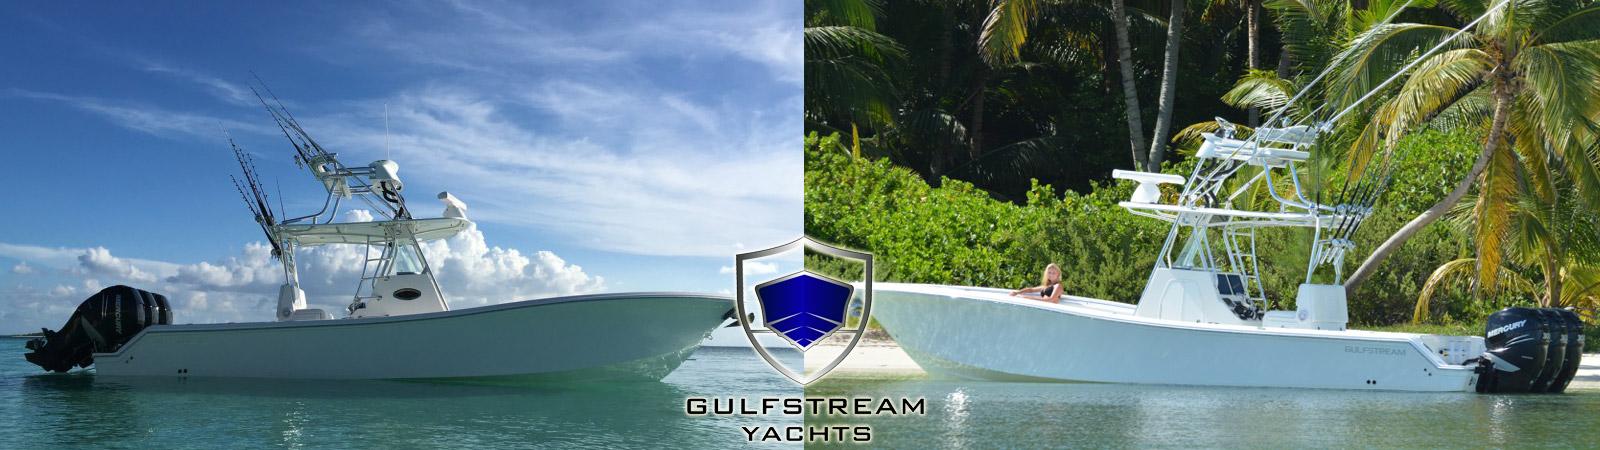 GulfstreamYachts-Sponsor